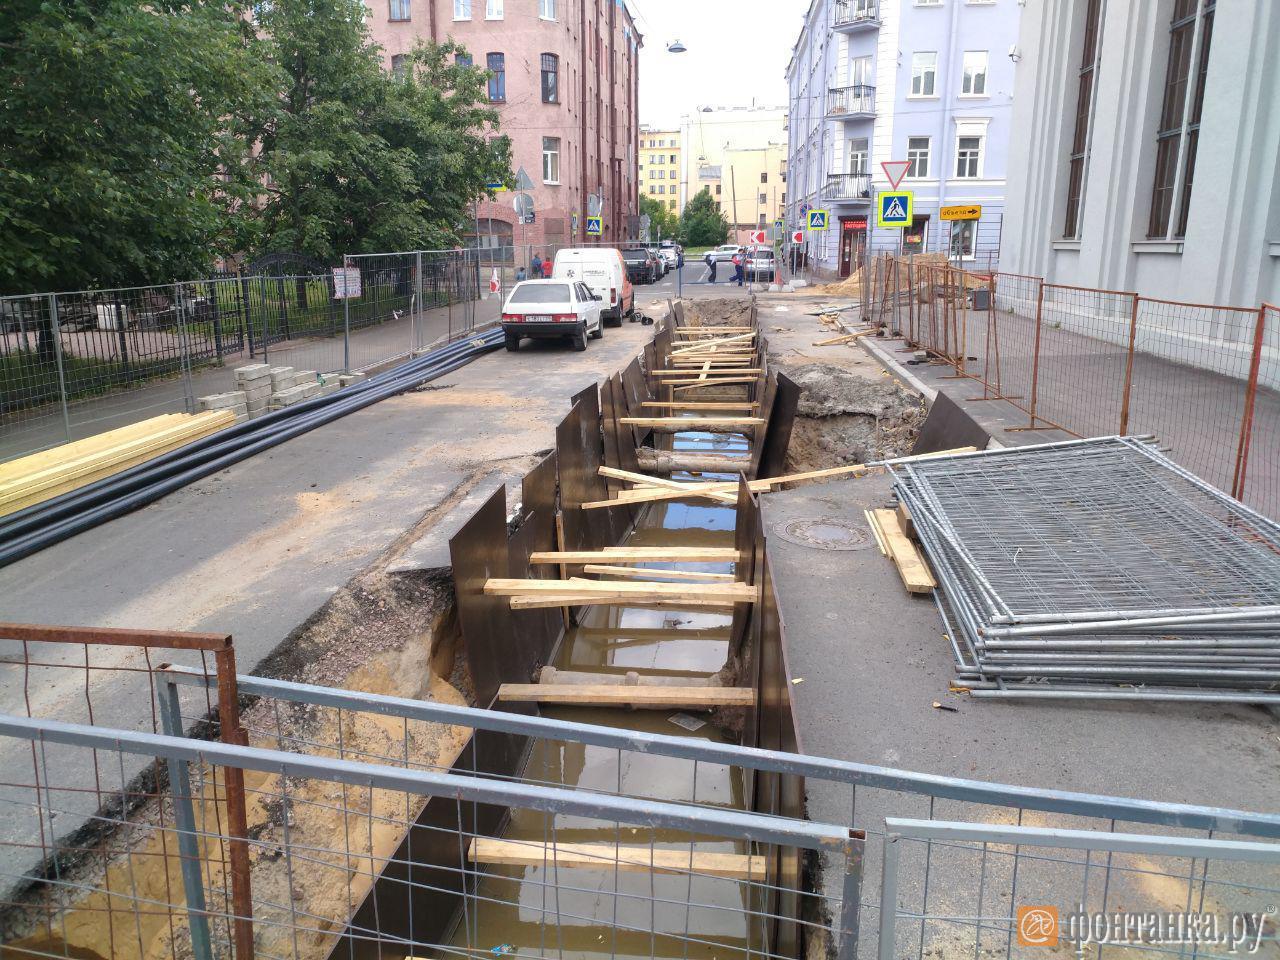 В районе подстанции на ул. Ленина. Напротив вырыта траншея, которая вся залита водой